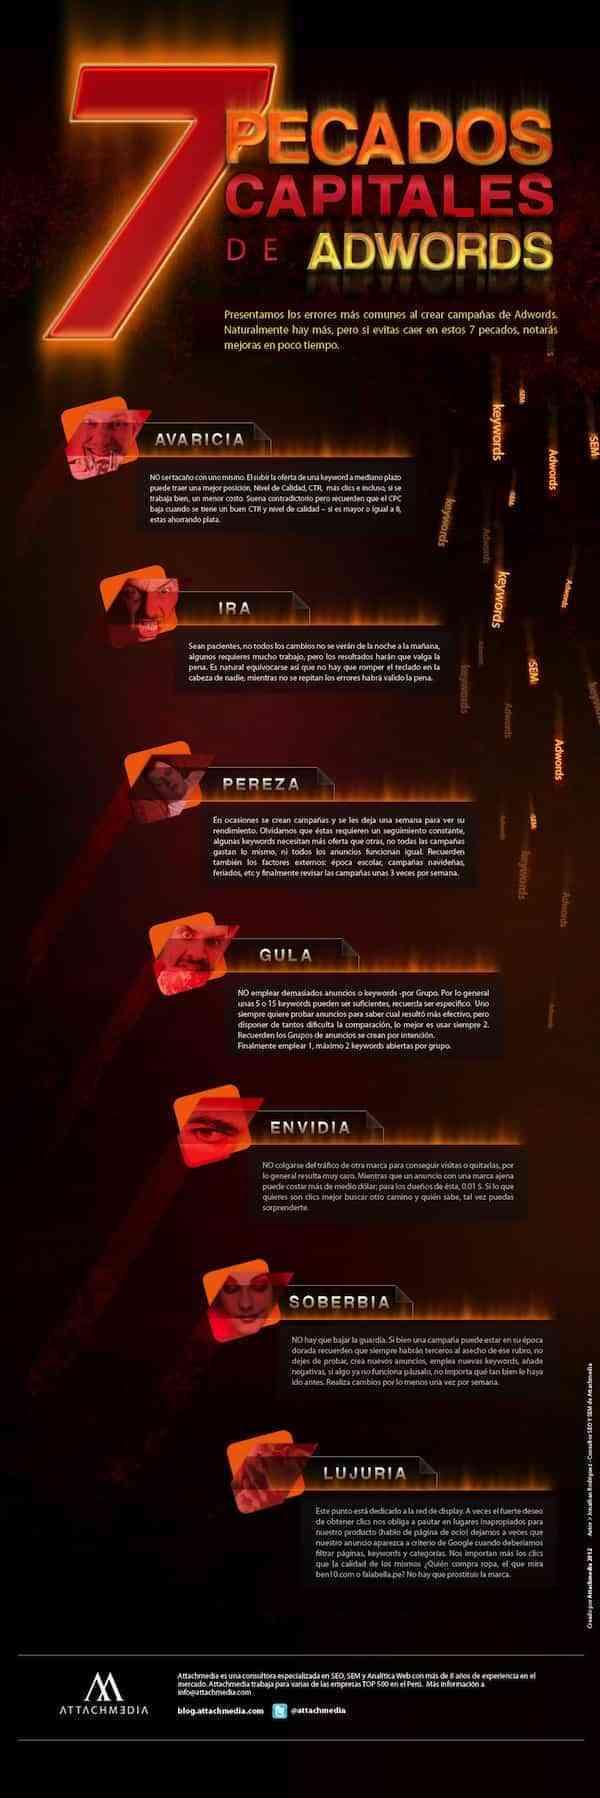 7 pecados capitales adwords